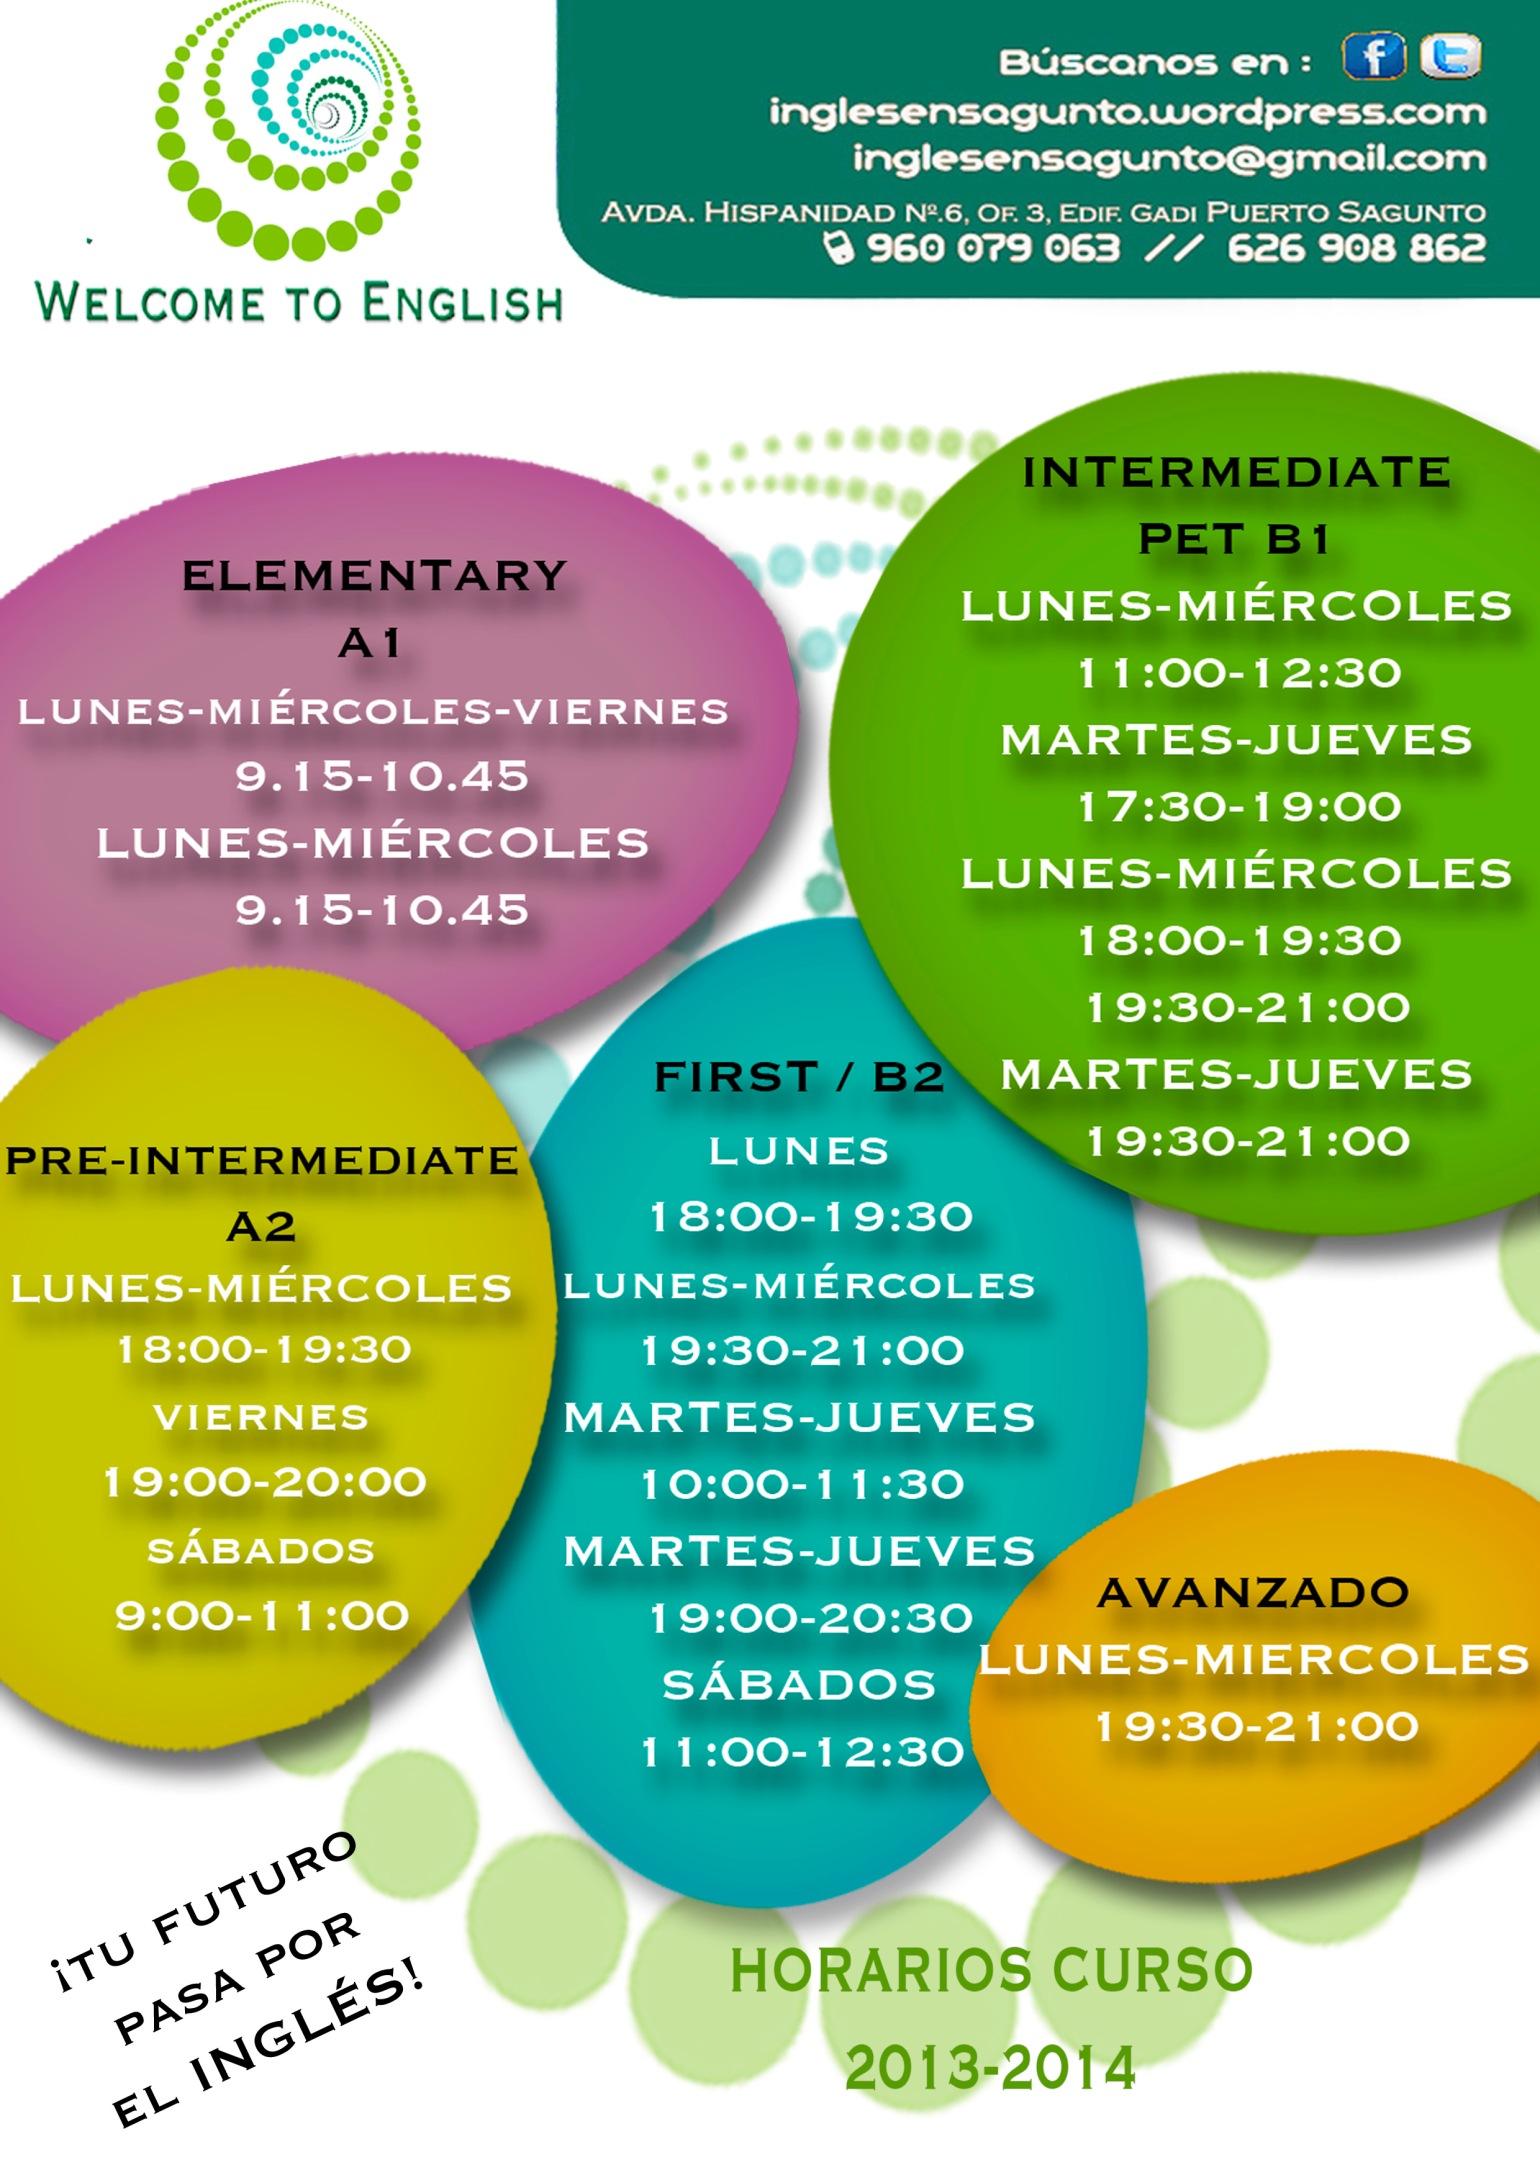 Horarios Academia de Inglés en Puerto Sagunto